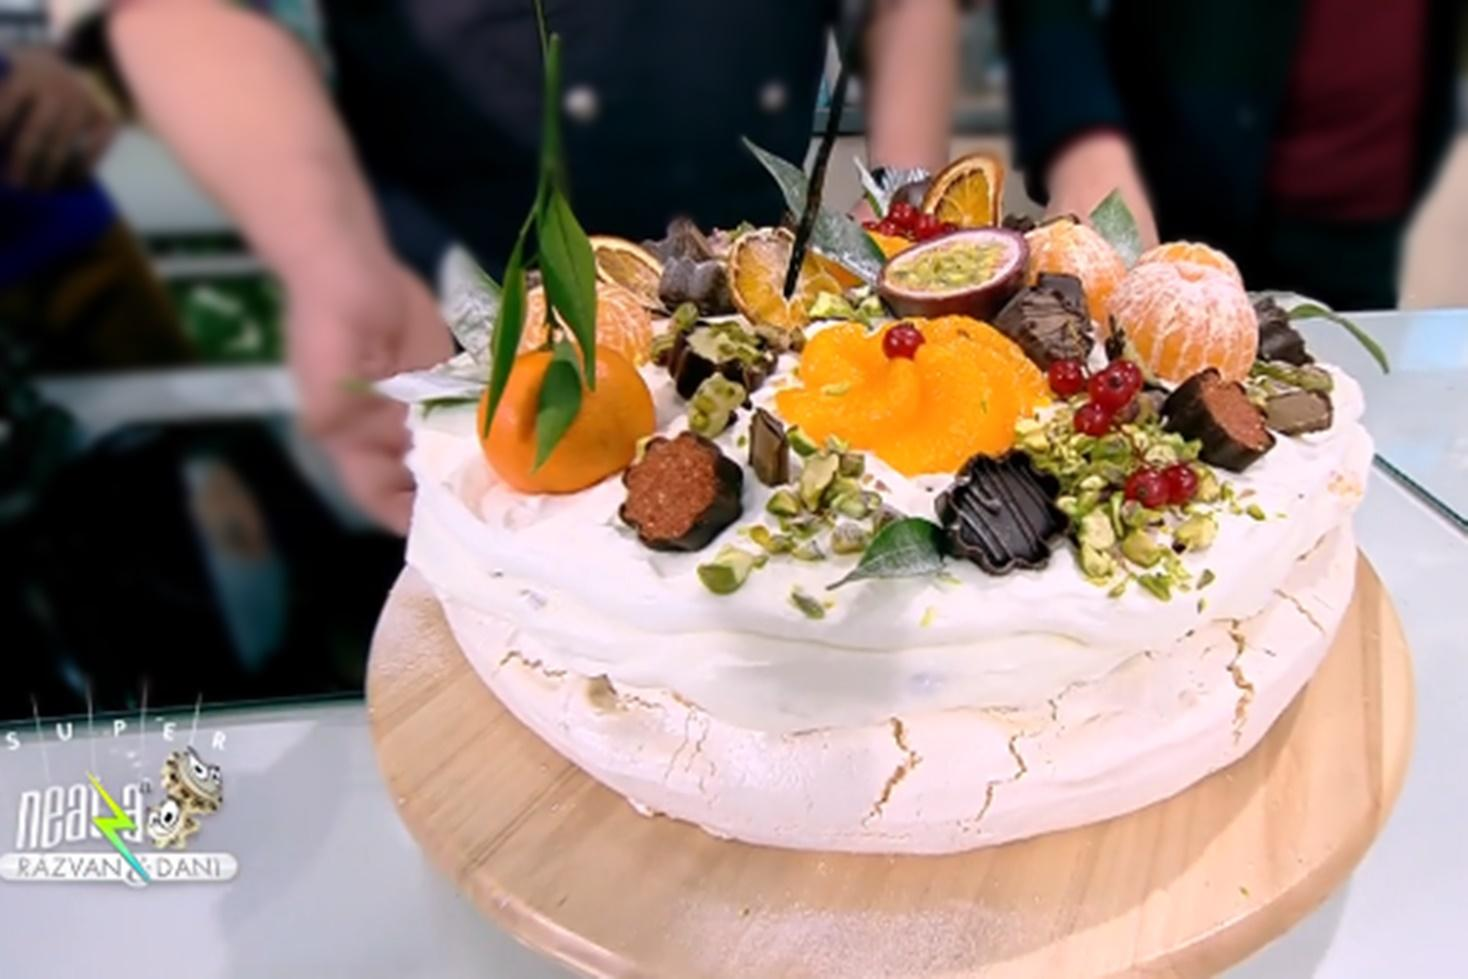 Rețetă de Tort Pavlova cu frișcă și fructe de iarnă, preparată de Vlăduț la Super Neatza